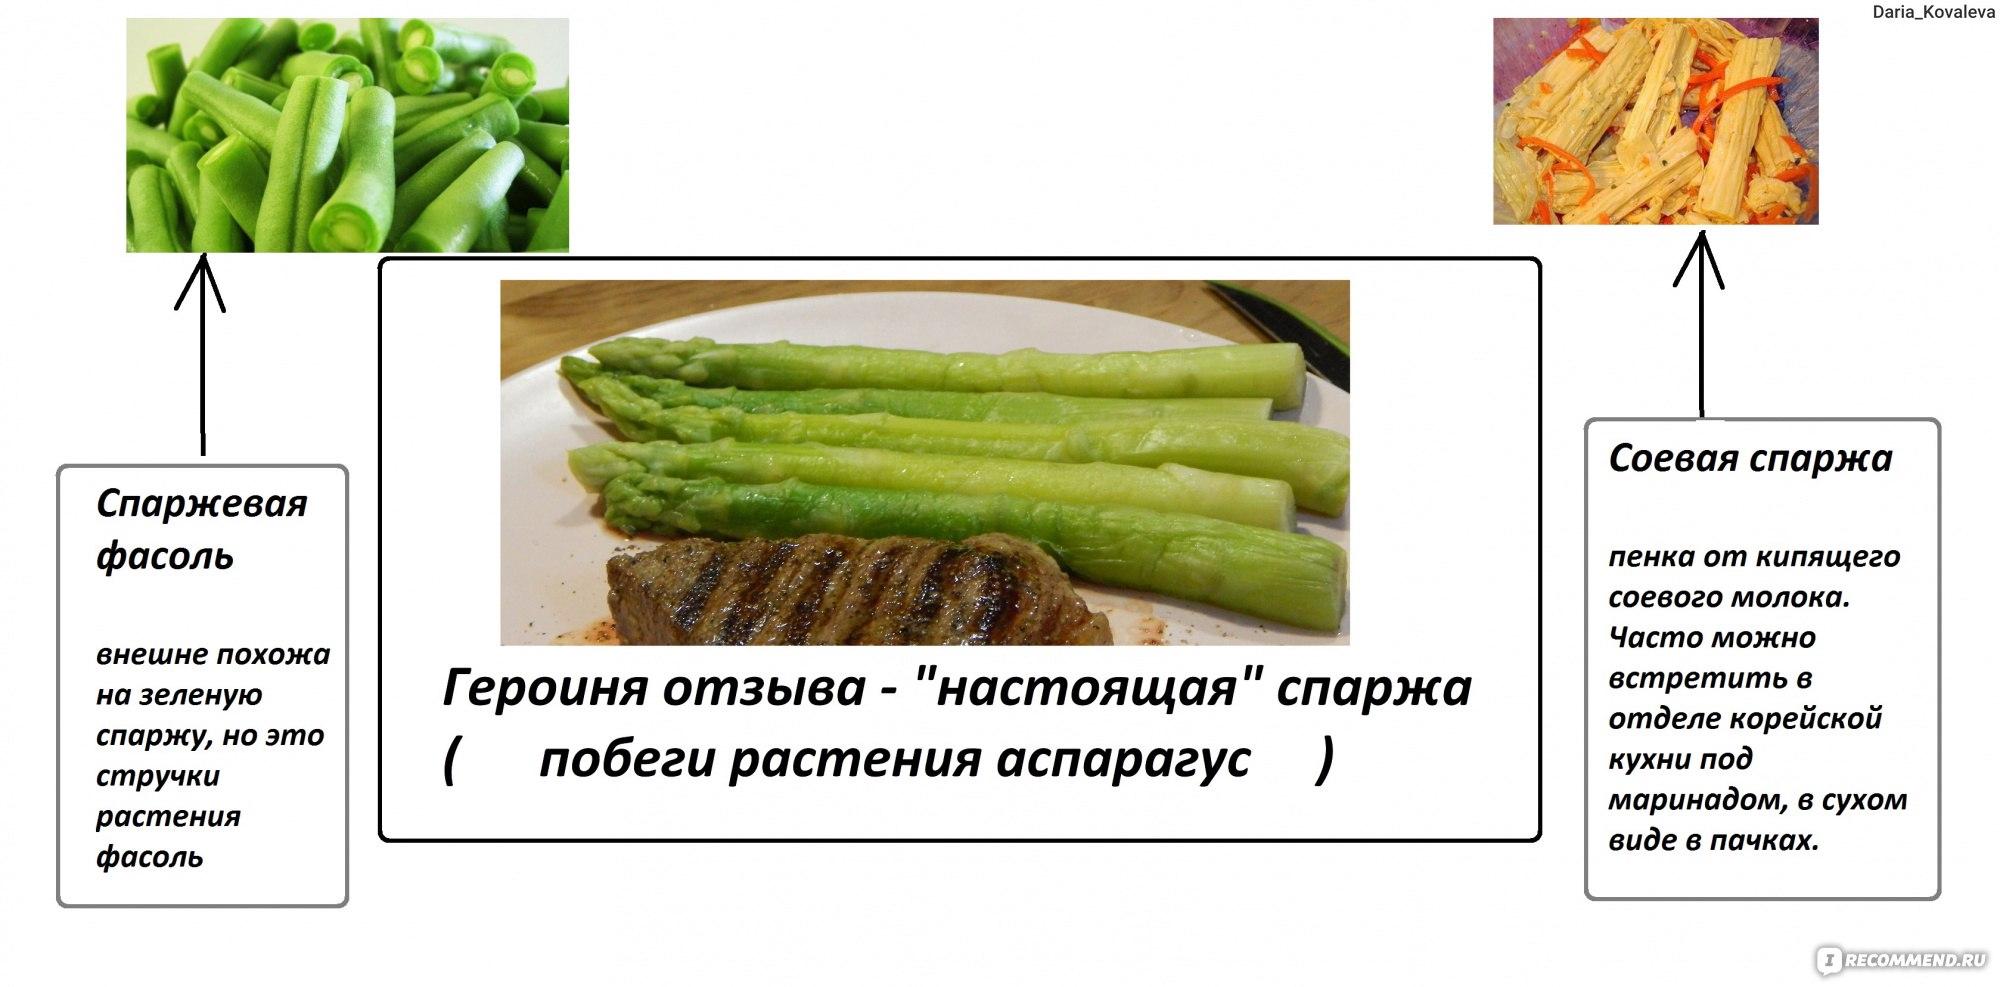 как приготовить зелёную замороженную спаржу